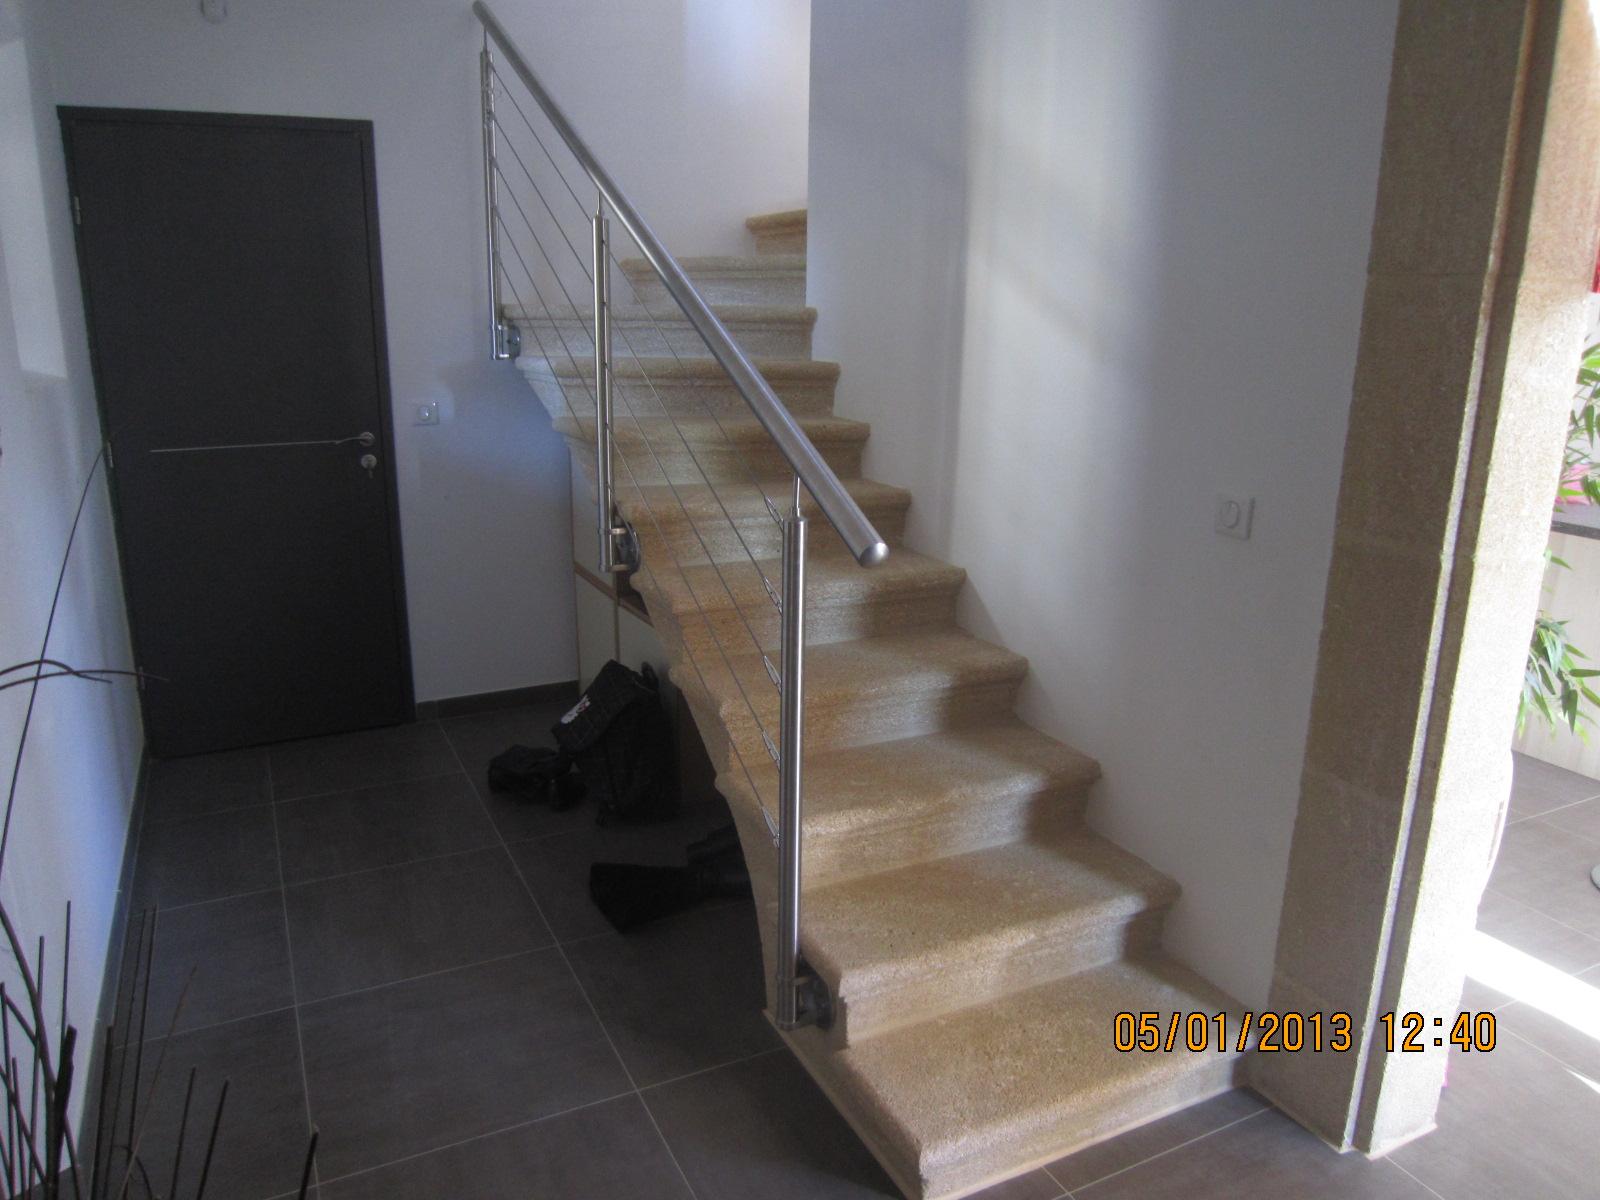 escalier int rieur en pierre tailleur de pierres marseiile d coration proven ale pierres de. Black Bedroom Furniture Sets. Home Design Ideas